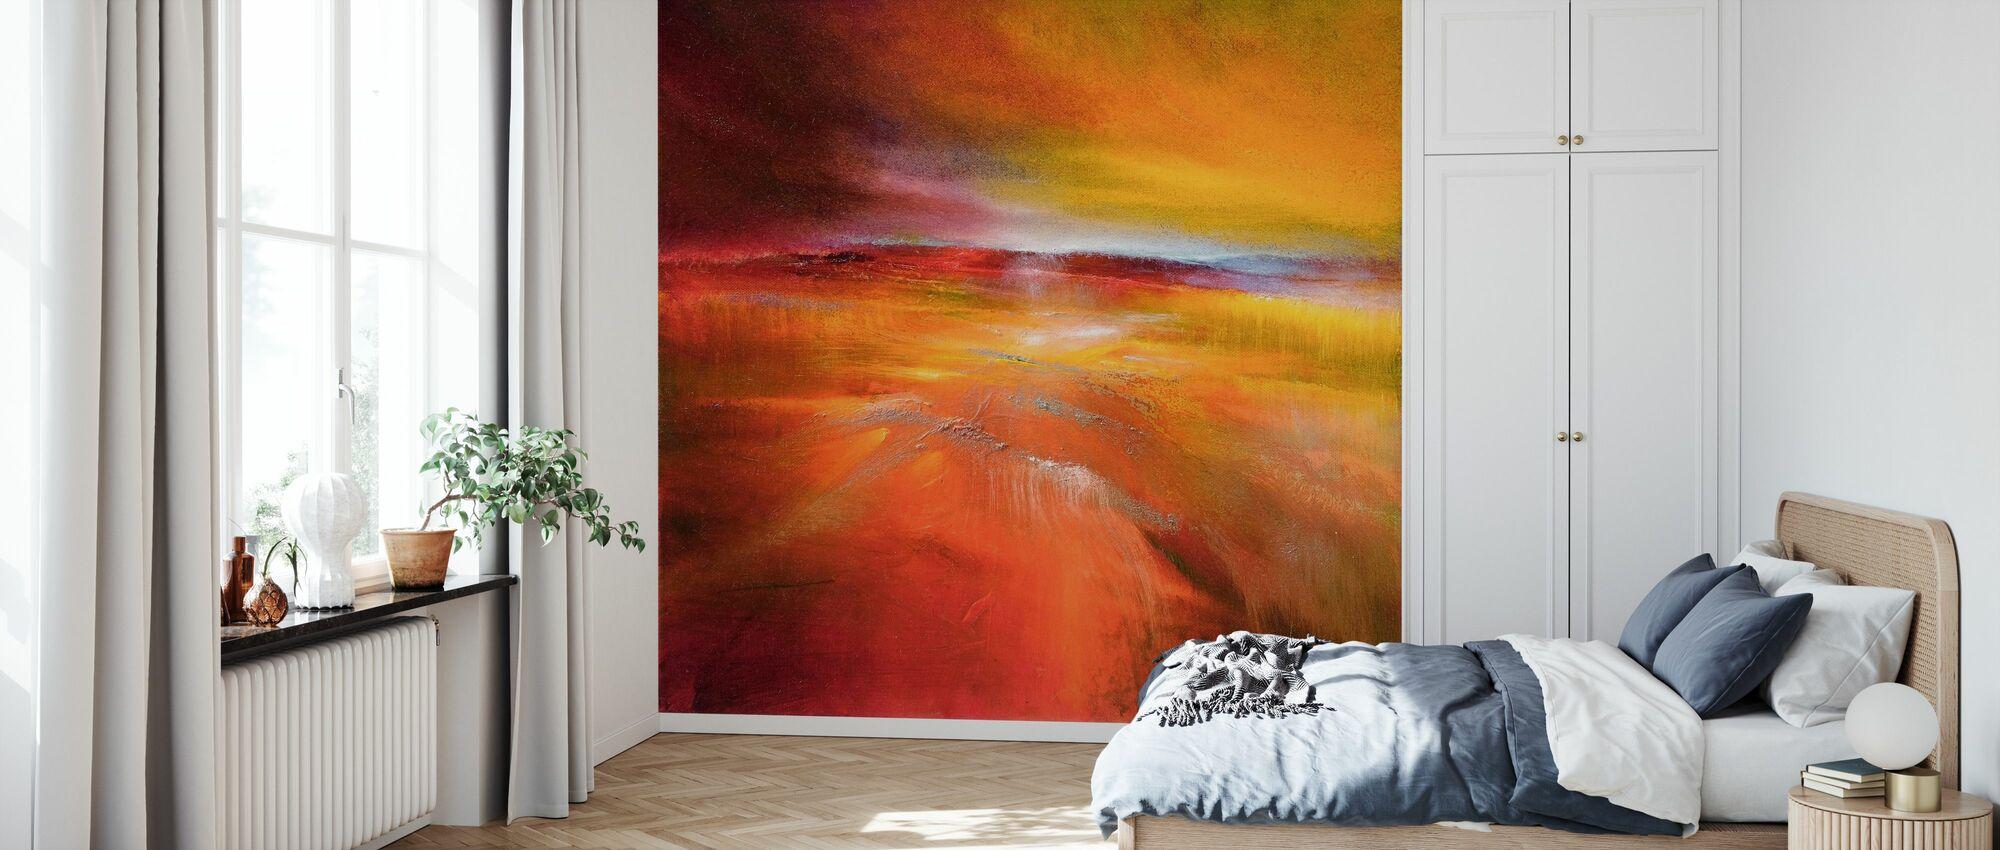 Harvest - Wallpaper - Bedroom